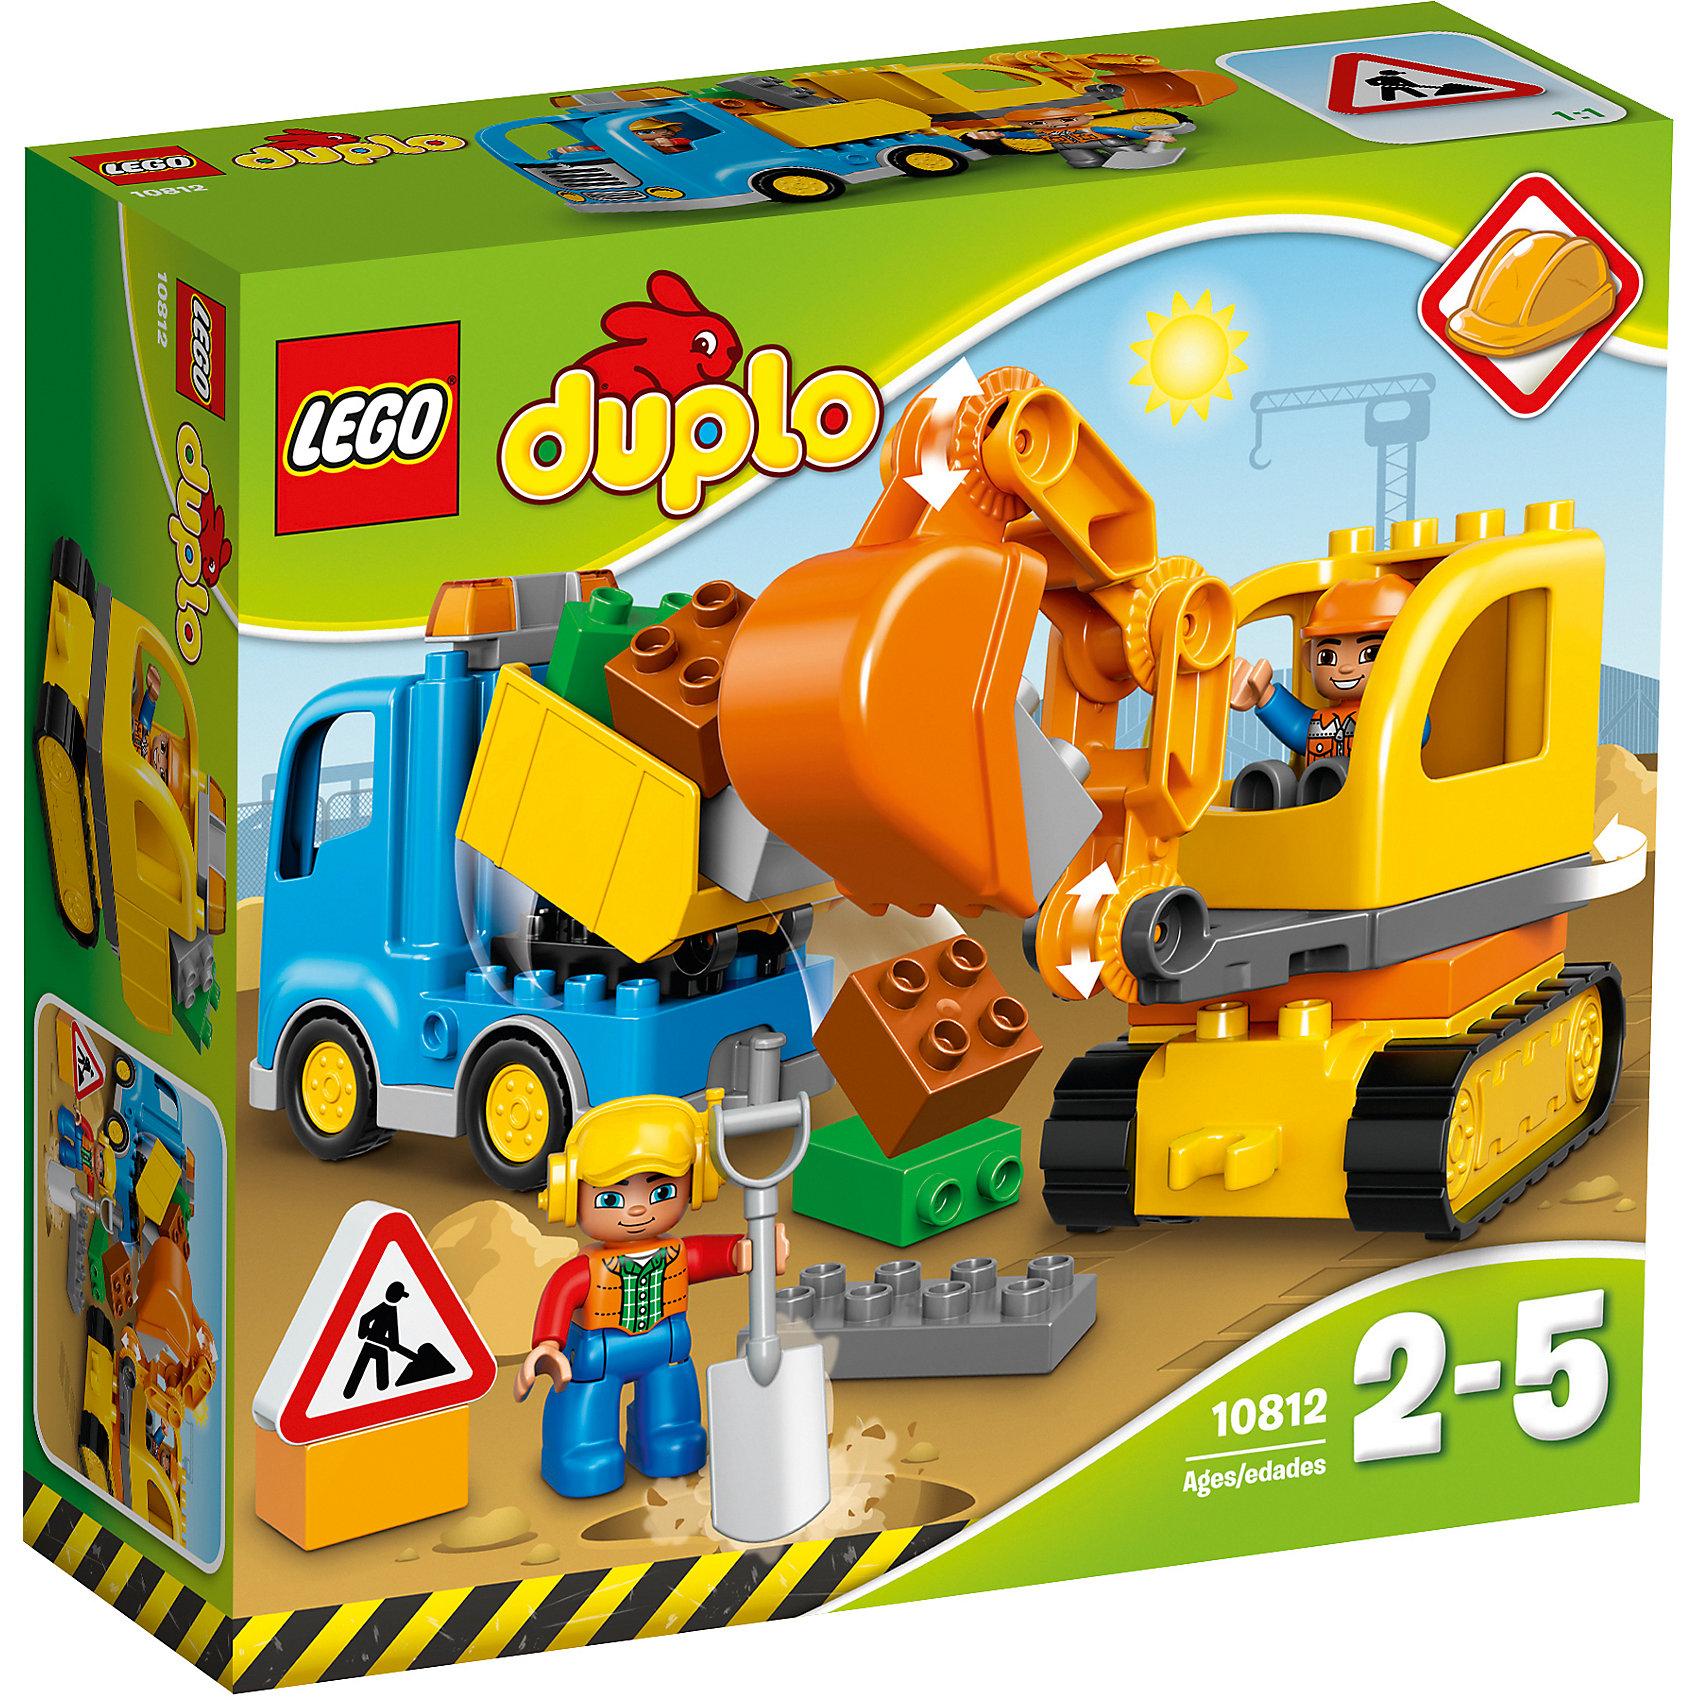 LEGO DUPLO 10812: Грузовик и гусеничный экскаваторПластмассовые конструкторы<br>Игрушки от LEGO DUPLO созданы специально для малышей. Разнообразную технику и  конструкторы обожает множество современных мальчишек, поэтому этот набор LEGO DUPLO обязательно порадует ребенка. Такие игрушки помогают детям развивать воображение, мелкую моторику, логику и творческое мышление.<br>Набор состоит из простых в сборке машин, крупных дополнительных деталей, фигурок человека! С таким комплектом можно придумать множество игр!<br><br>Дополнительная информация:<br><br>цвет: разноцветный;<br>размер коробки: 9 x 28 x 26 см;<br>вес: 200 г;<br>материал: пластик;<br>количество деталей: 26.<br><br>Набор Грузовик и гусеничный экскаватор от бренда LEGO DUPLO можно купить в нашем магазине.<br><br>Ширина мм: 285<br>Глубина мм: 261<br>Высота мм: 93<br>Вес г: 631<br>Возраст от месяцев: 24<br>Возраст до месяцев: 60<br>Пол: Мужской<br>Возраст: Детский<br>SKU: 4641259